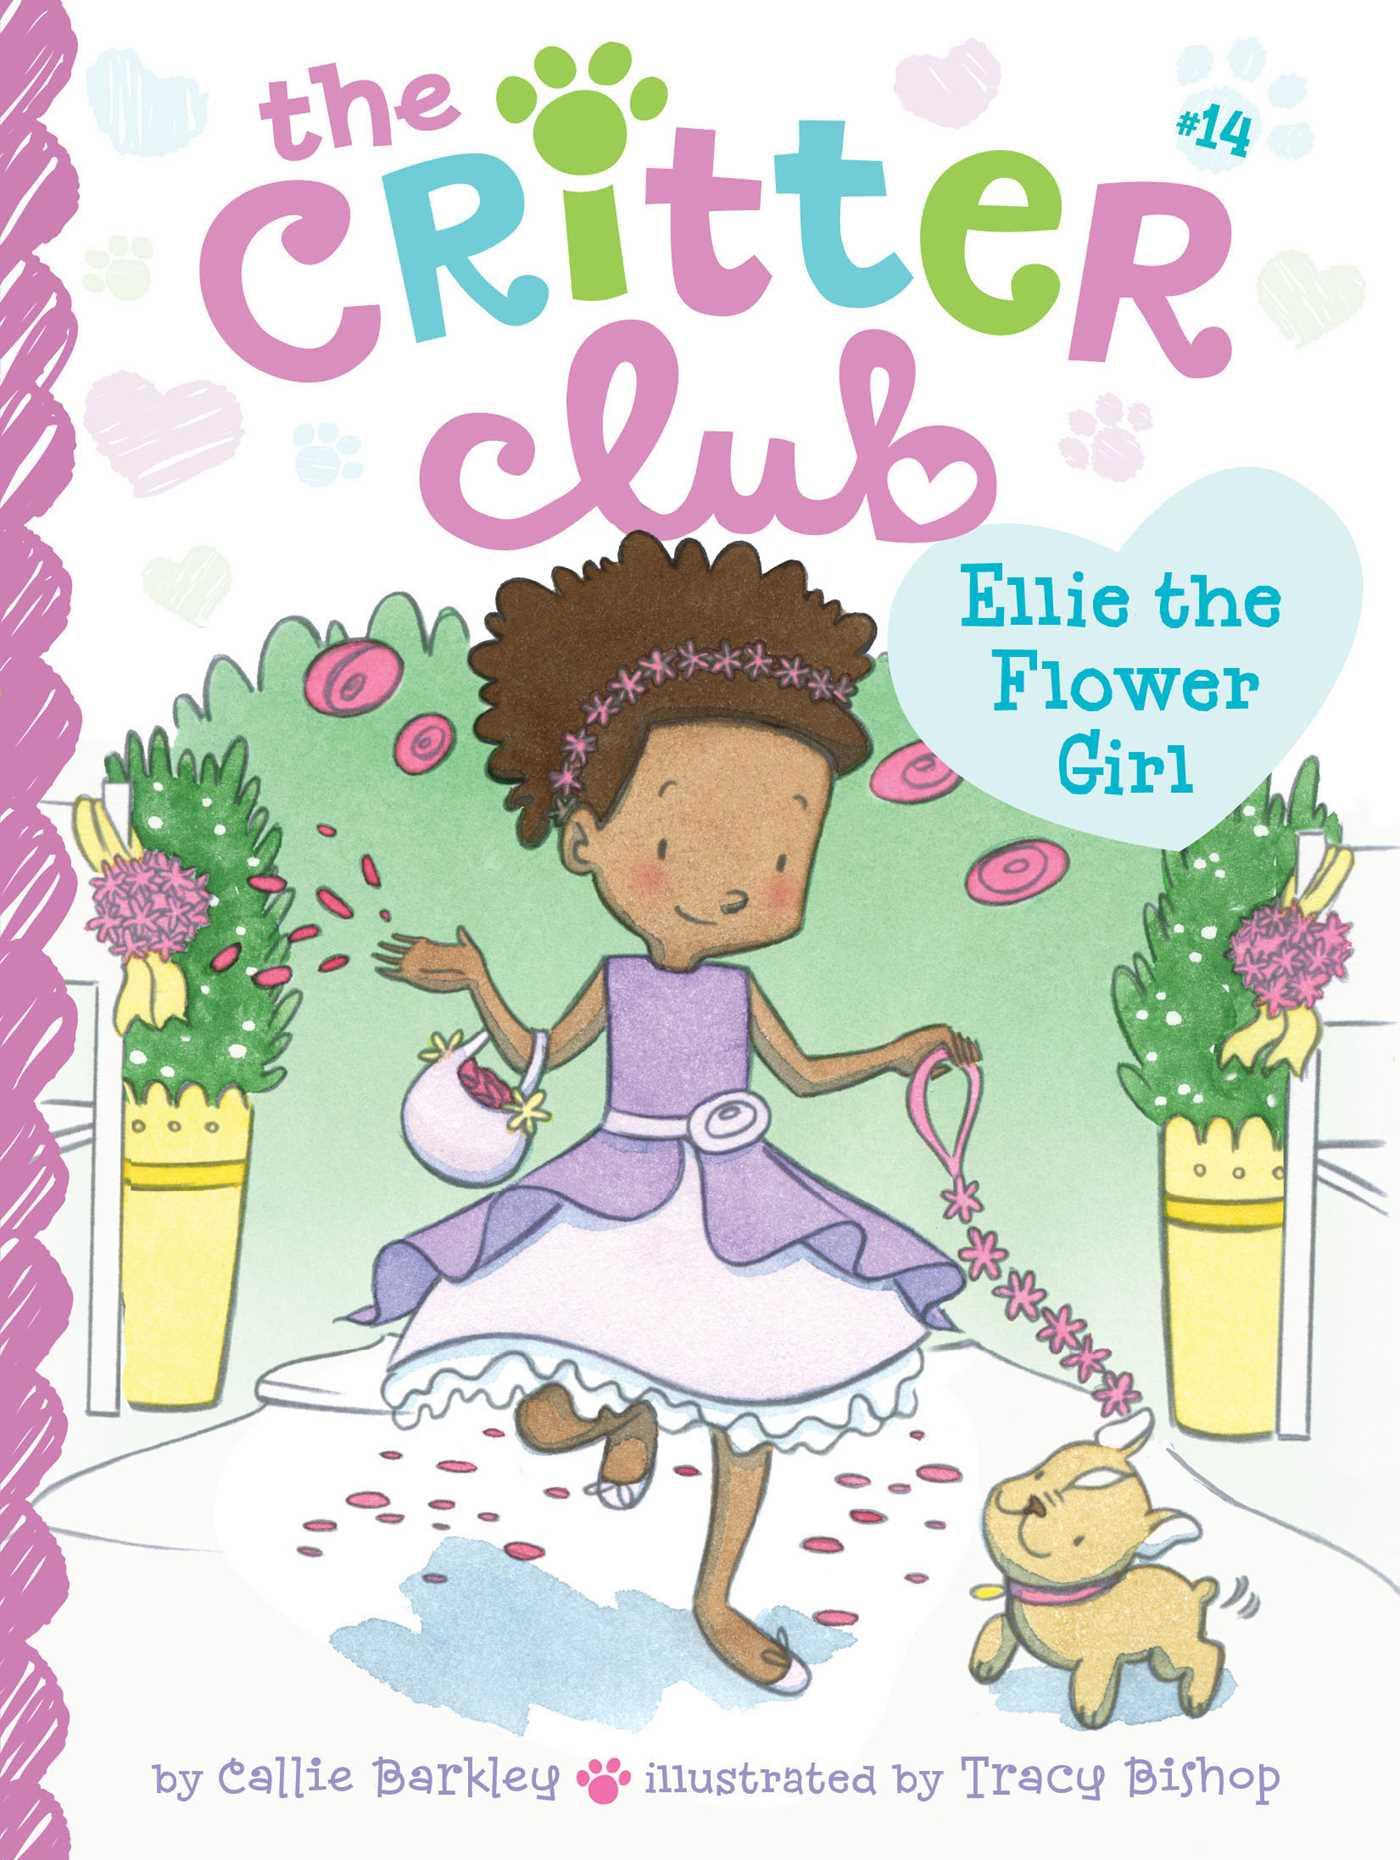 Ellie the flower girl 9781481467186 hr